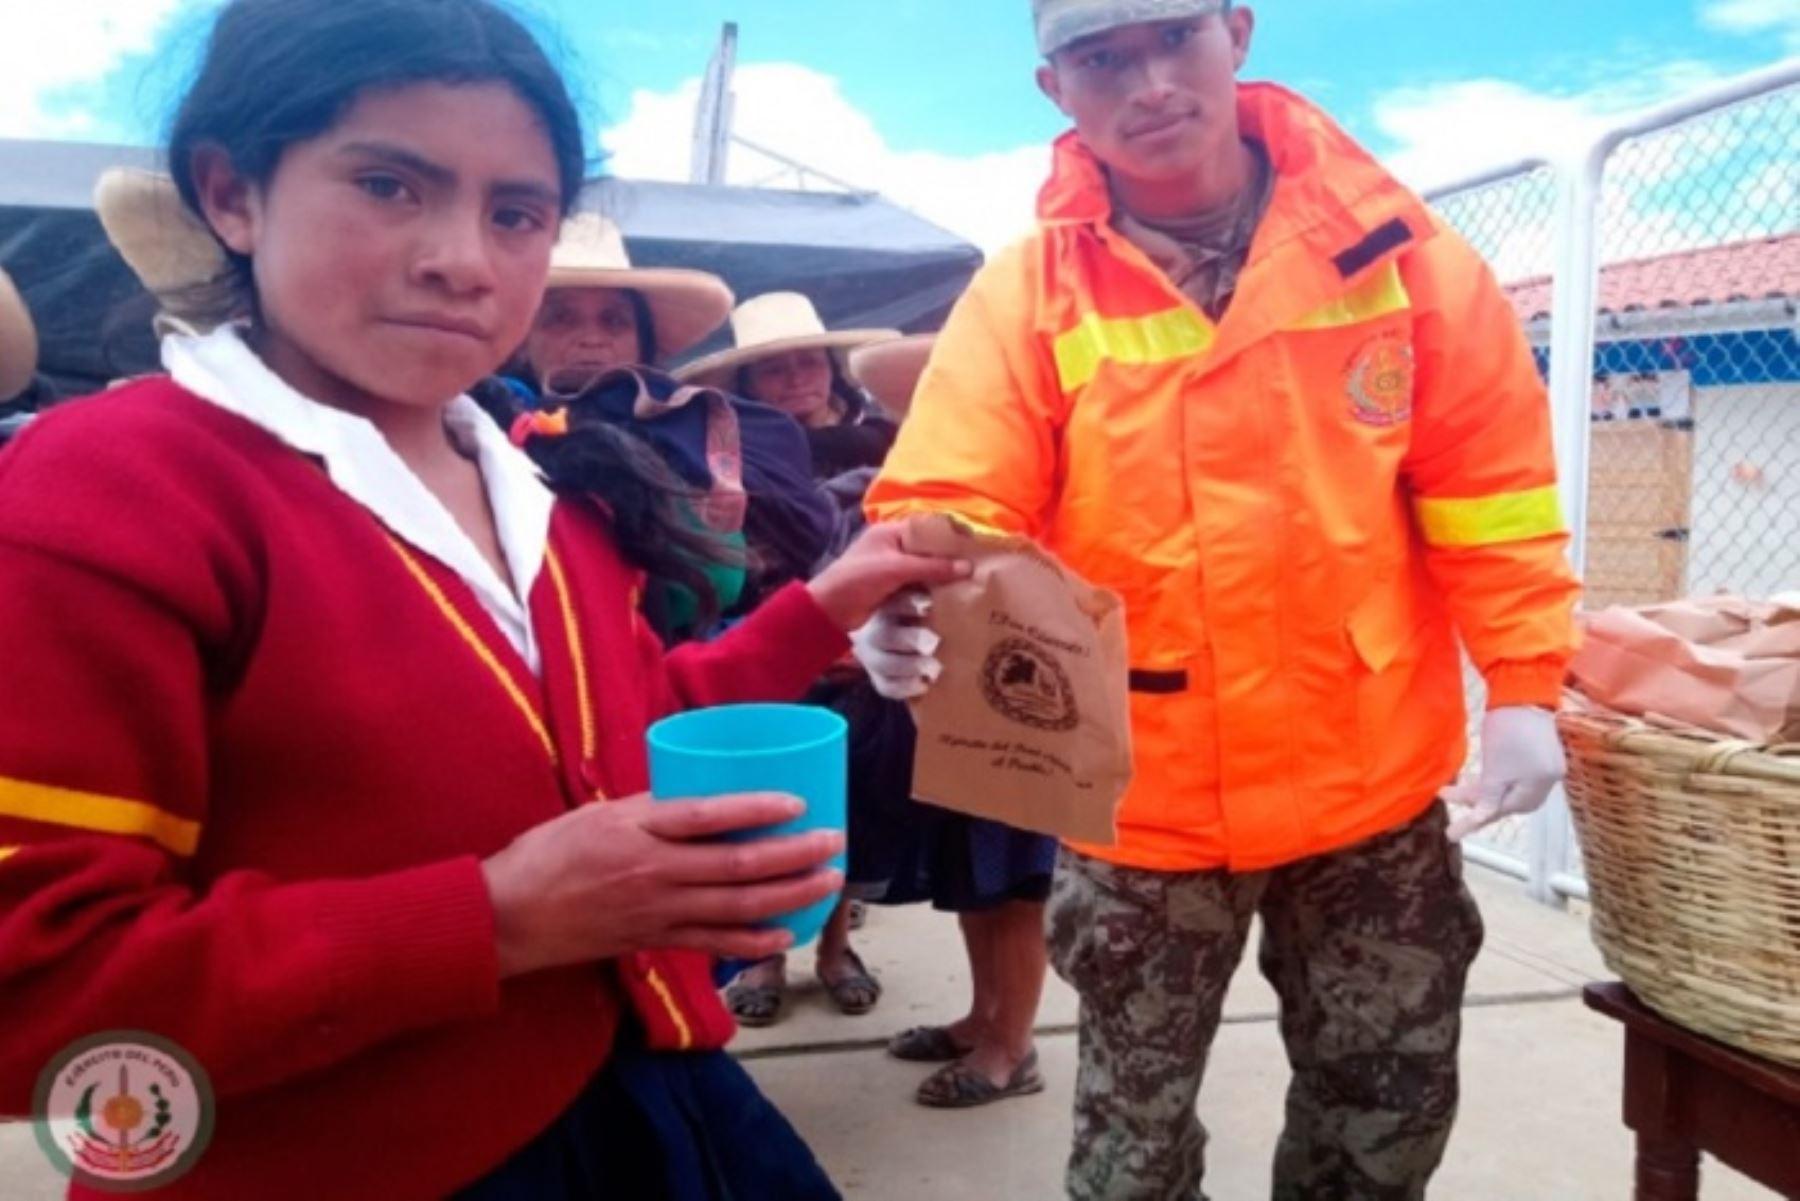 El Convoy Verde de Acción Cívica (Covac) del Batallón de Infantería Motorizado N° 323 Huamachuco, del Ejécito del Perú, llevó ayuda a la población del caserío Cungush, distrito de Curgos, provincia de Sánchez Carrión, con el apoyo de la municipalidad, subprefectura, Cuna Más y la Asociación de Reservistas de La Libertad.